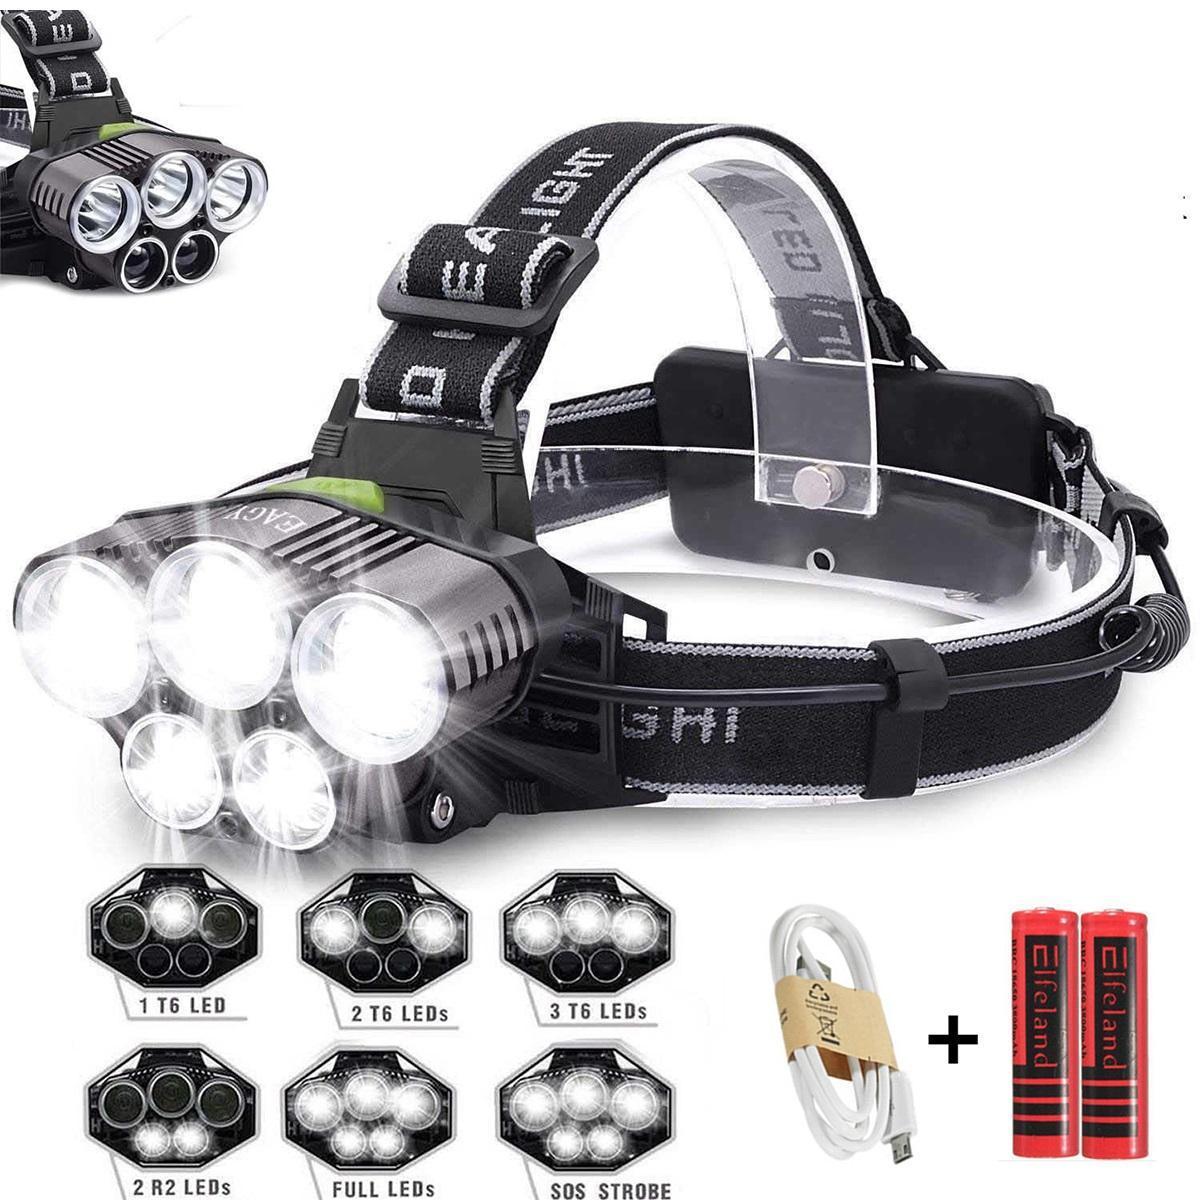 5 Led Far USB şarj edilebilir Far 3 * T6 + 2 * Q5 LED Far ışığı su geçirmez led far Avcılık Işık balıkçılık lamba kullanımı 18650 pil